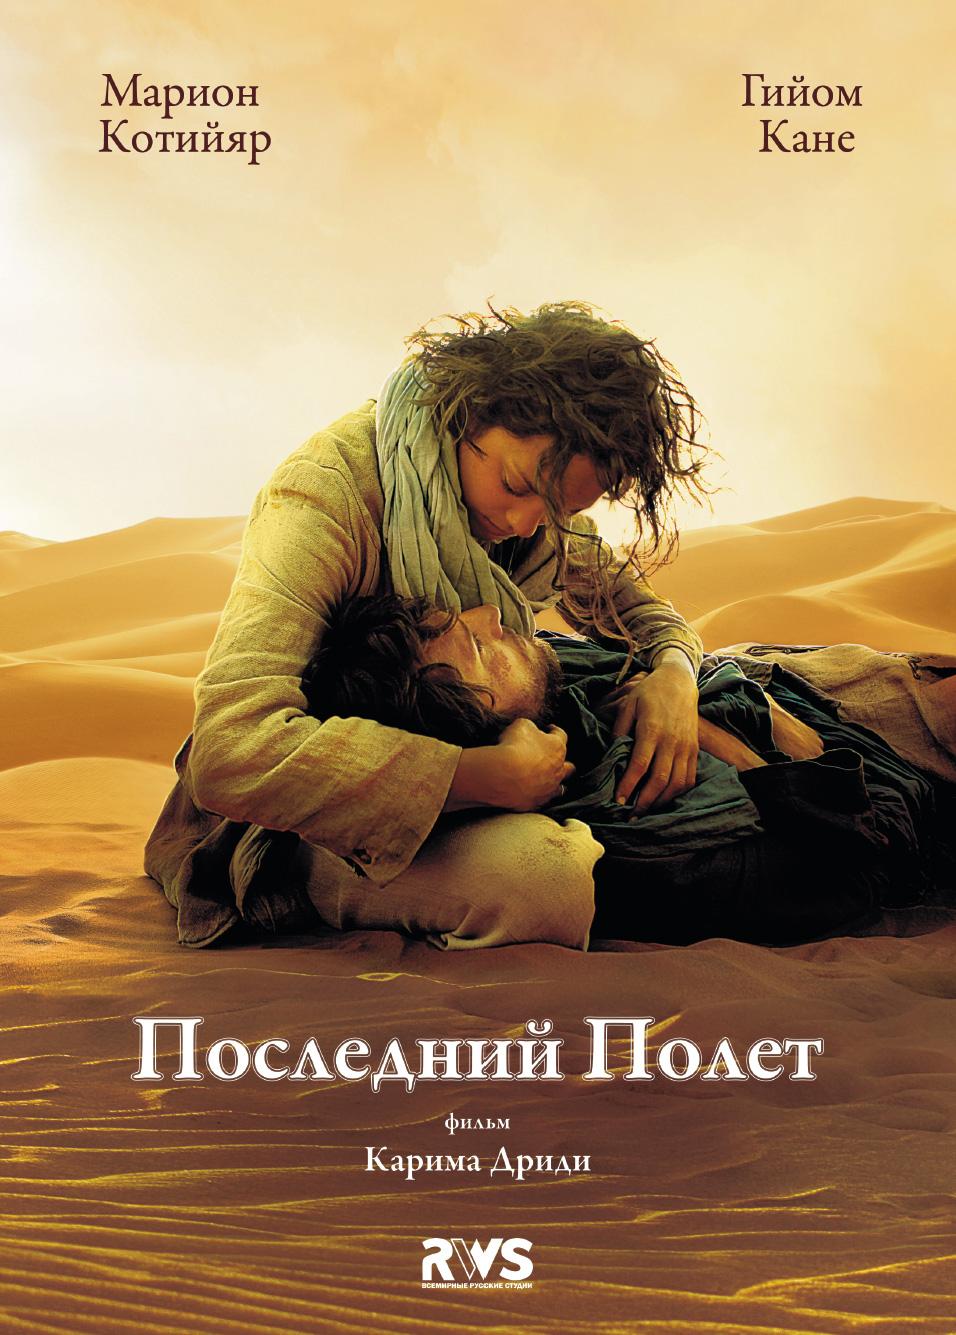 плакат фильма локализованные тизер Последний полет